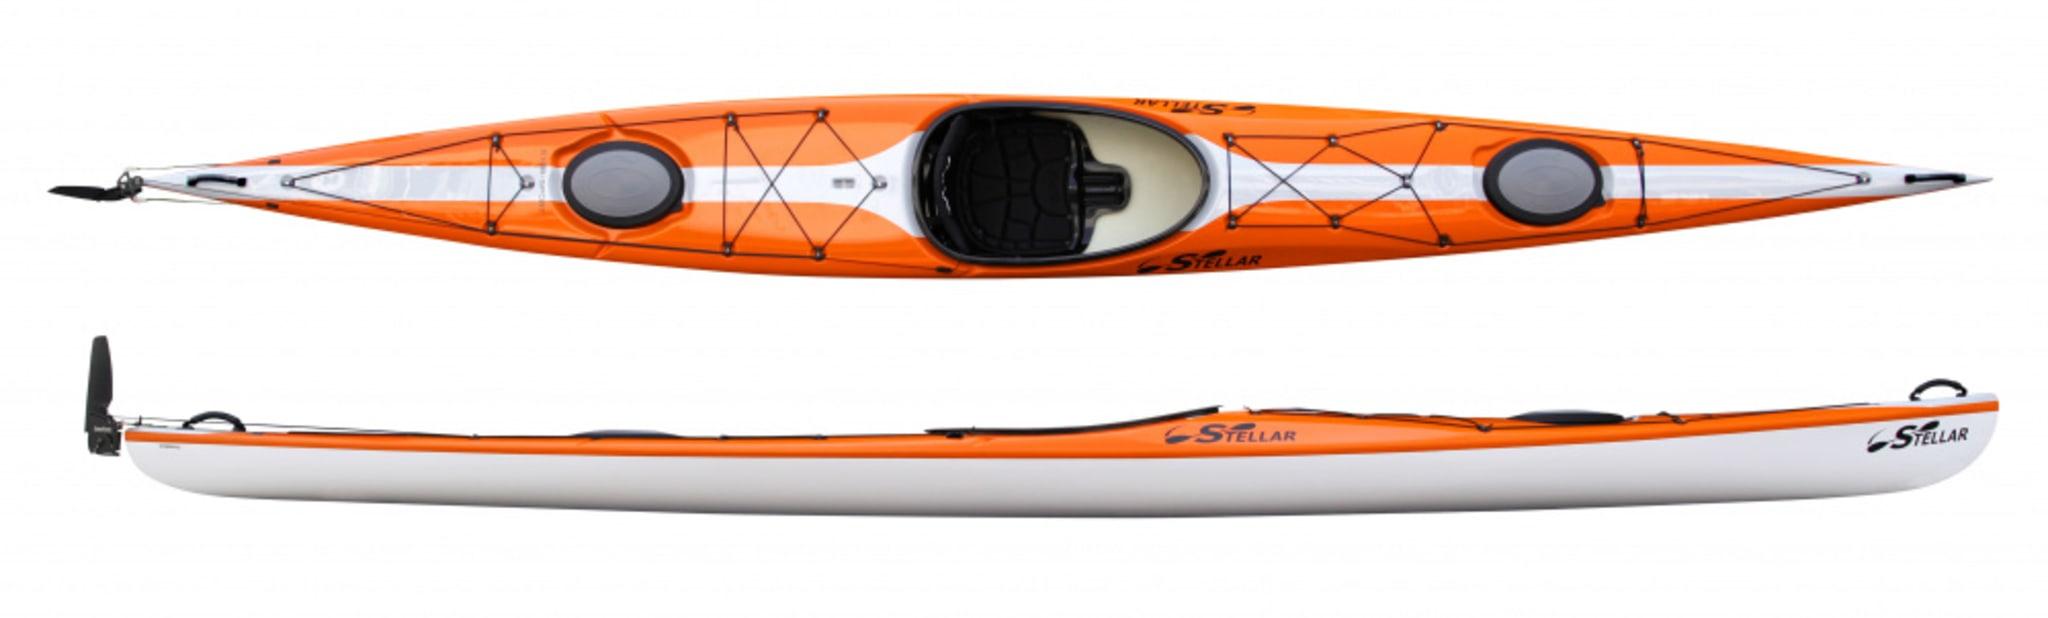 Stellar S18R G2 Advantage 17,8 kg - den ultimate hybriden for tur og trening.